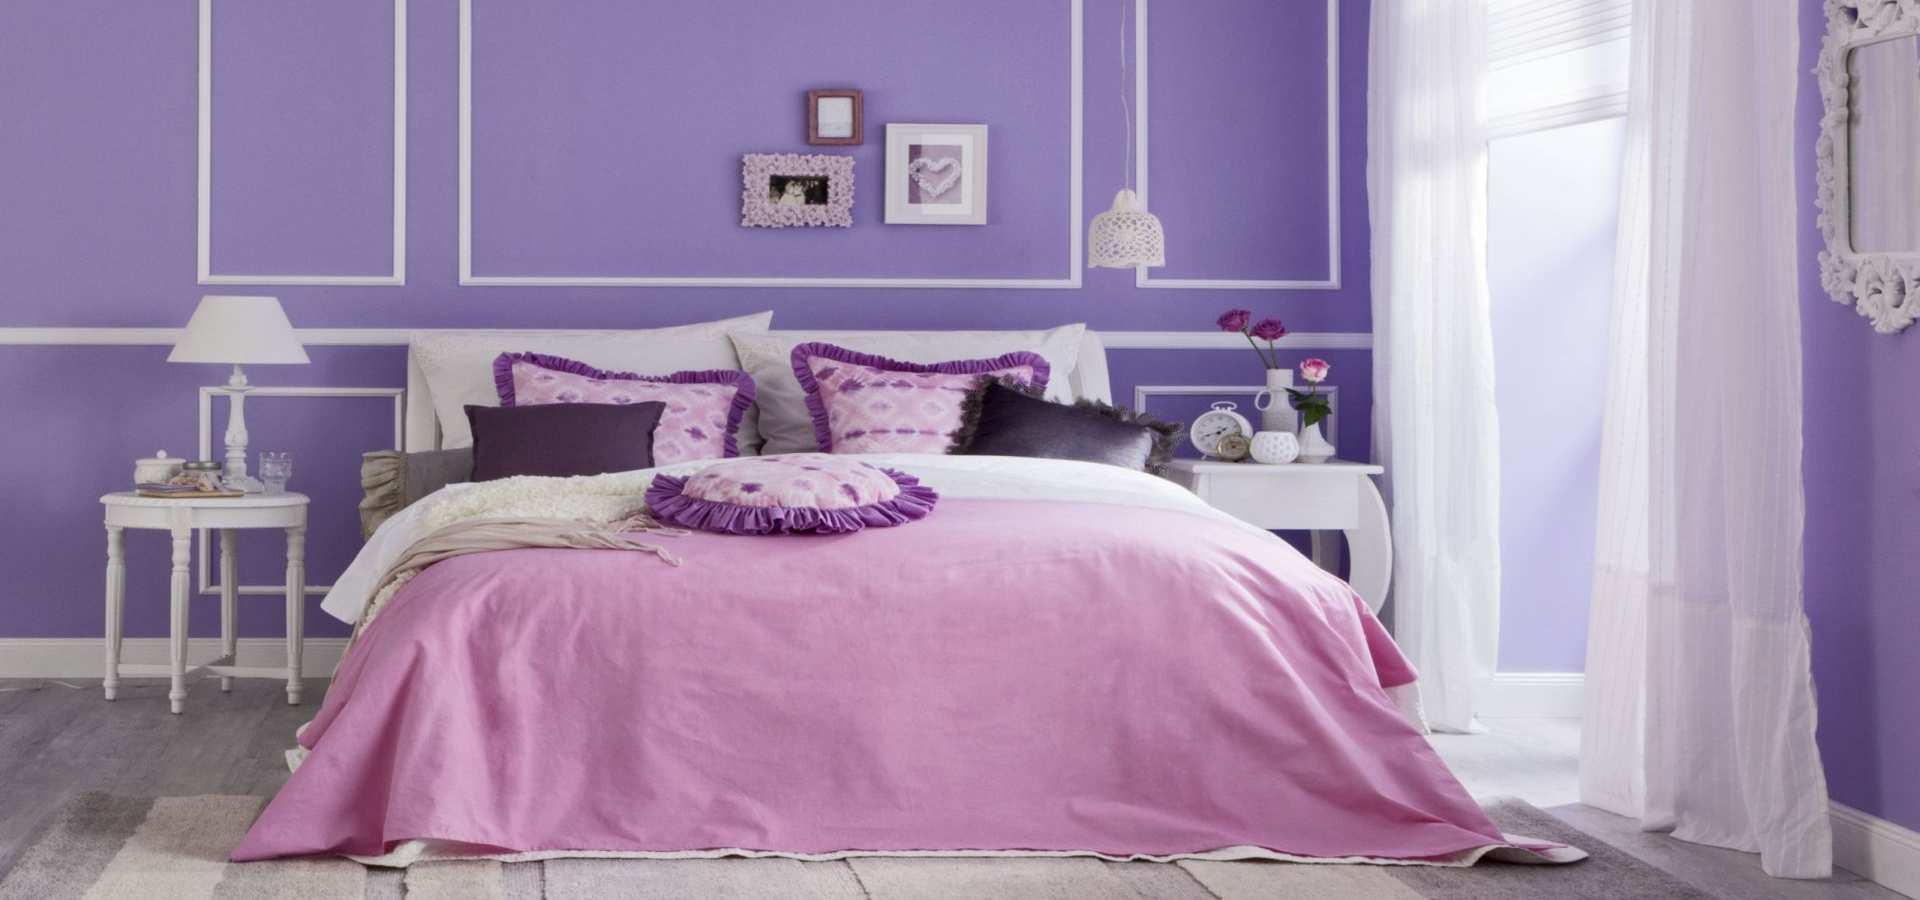 Bild Schlafzimmer in Lila